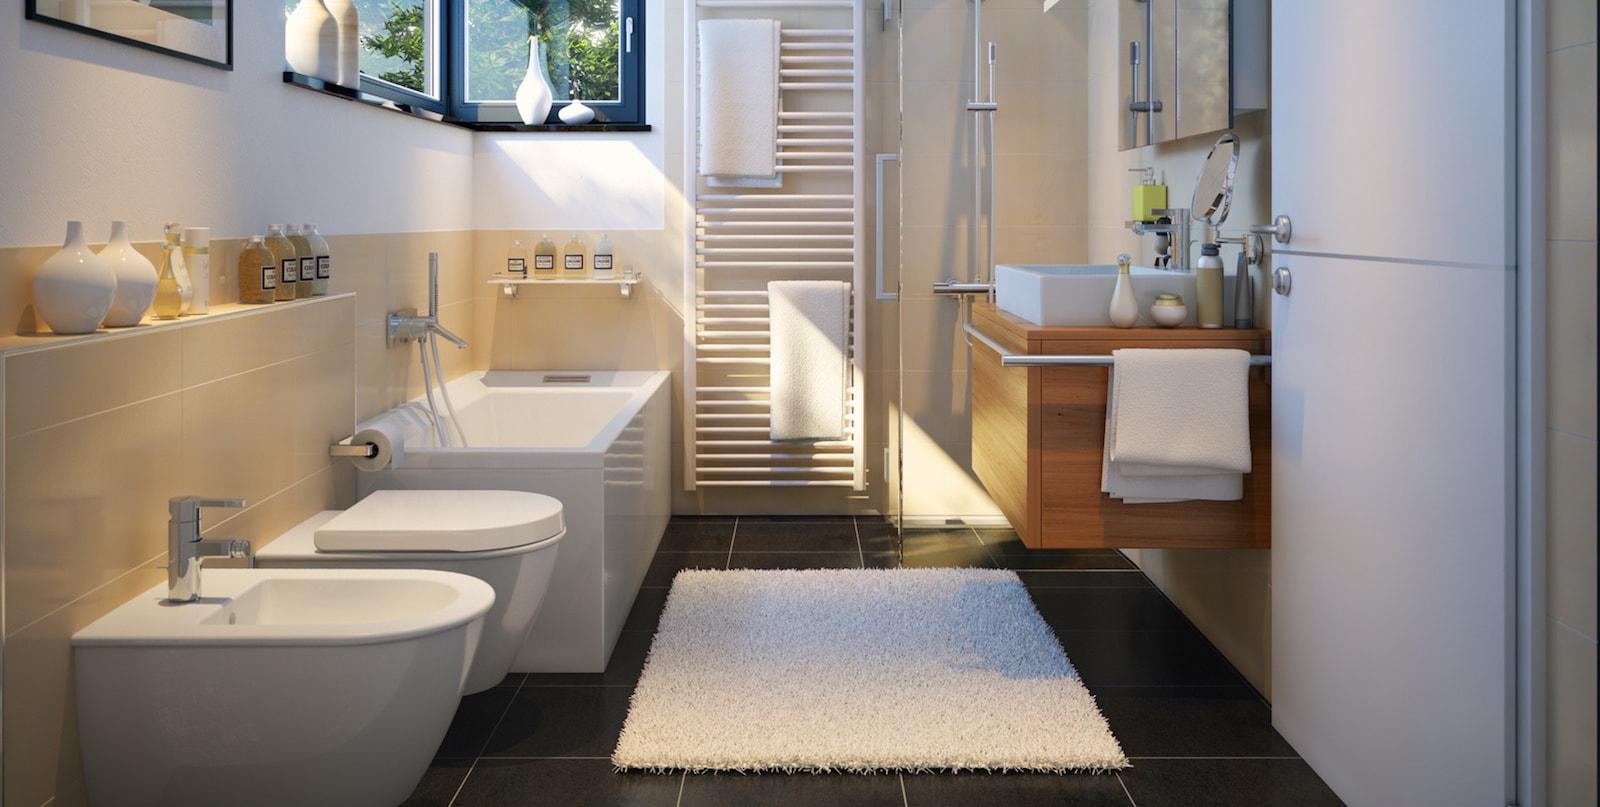 Badsanierung und Badgestaltung Mosbach